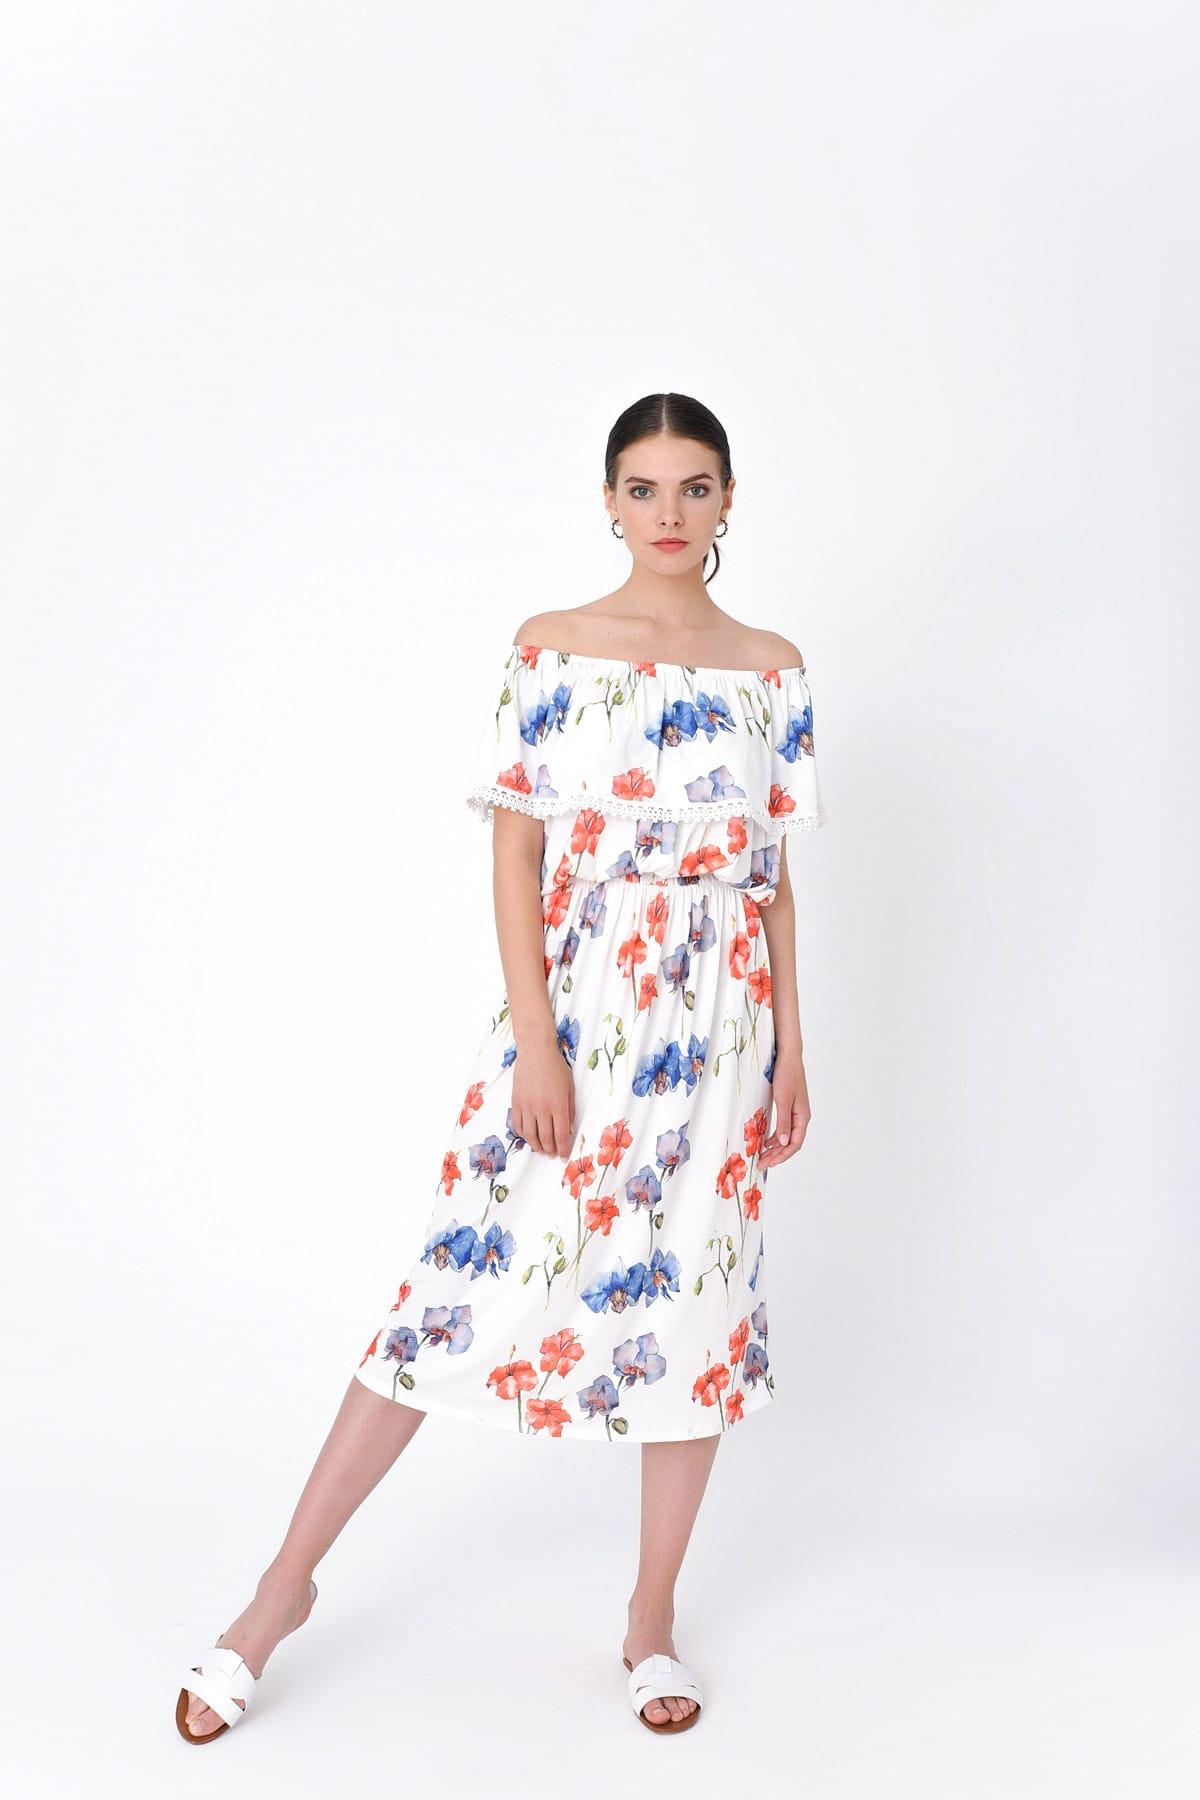 Hanna's by Hanna Darsa Kadın Beyaz Kayık Yaka Belden Lastikli Çiçek Desenli Elbise HN2016 1